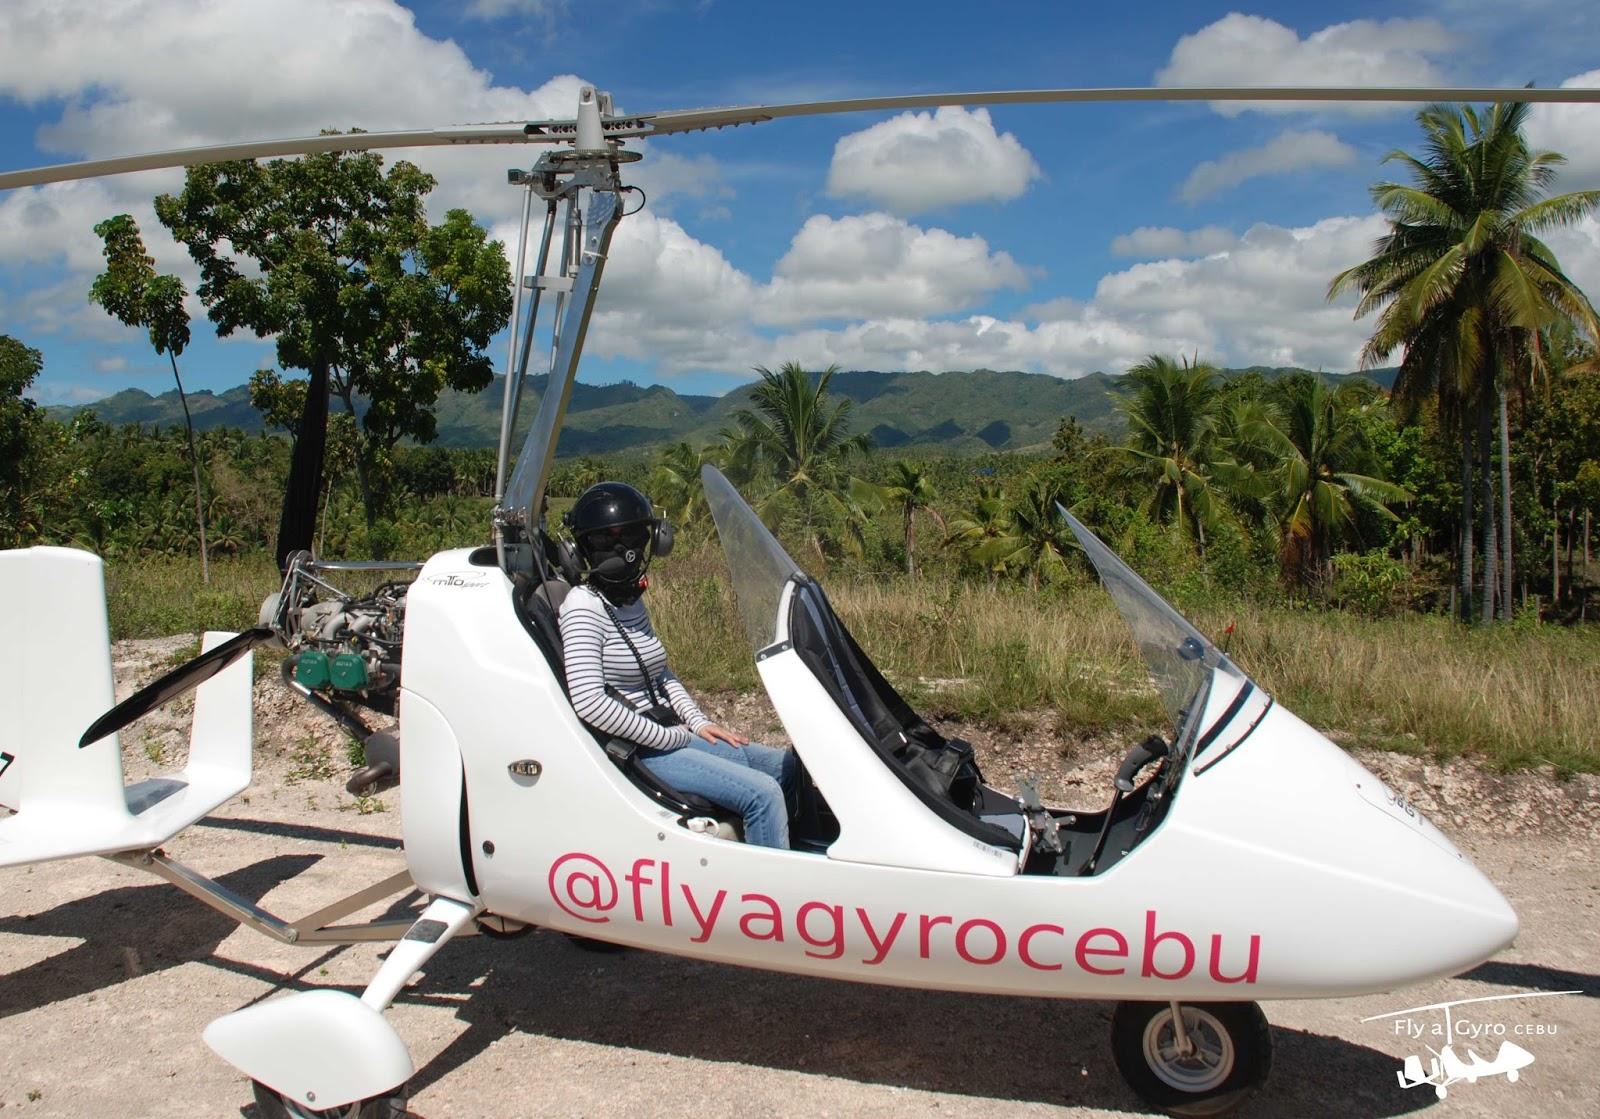 Fly a Gyro Cebu Adventure - Travel Gourmande